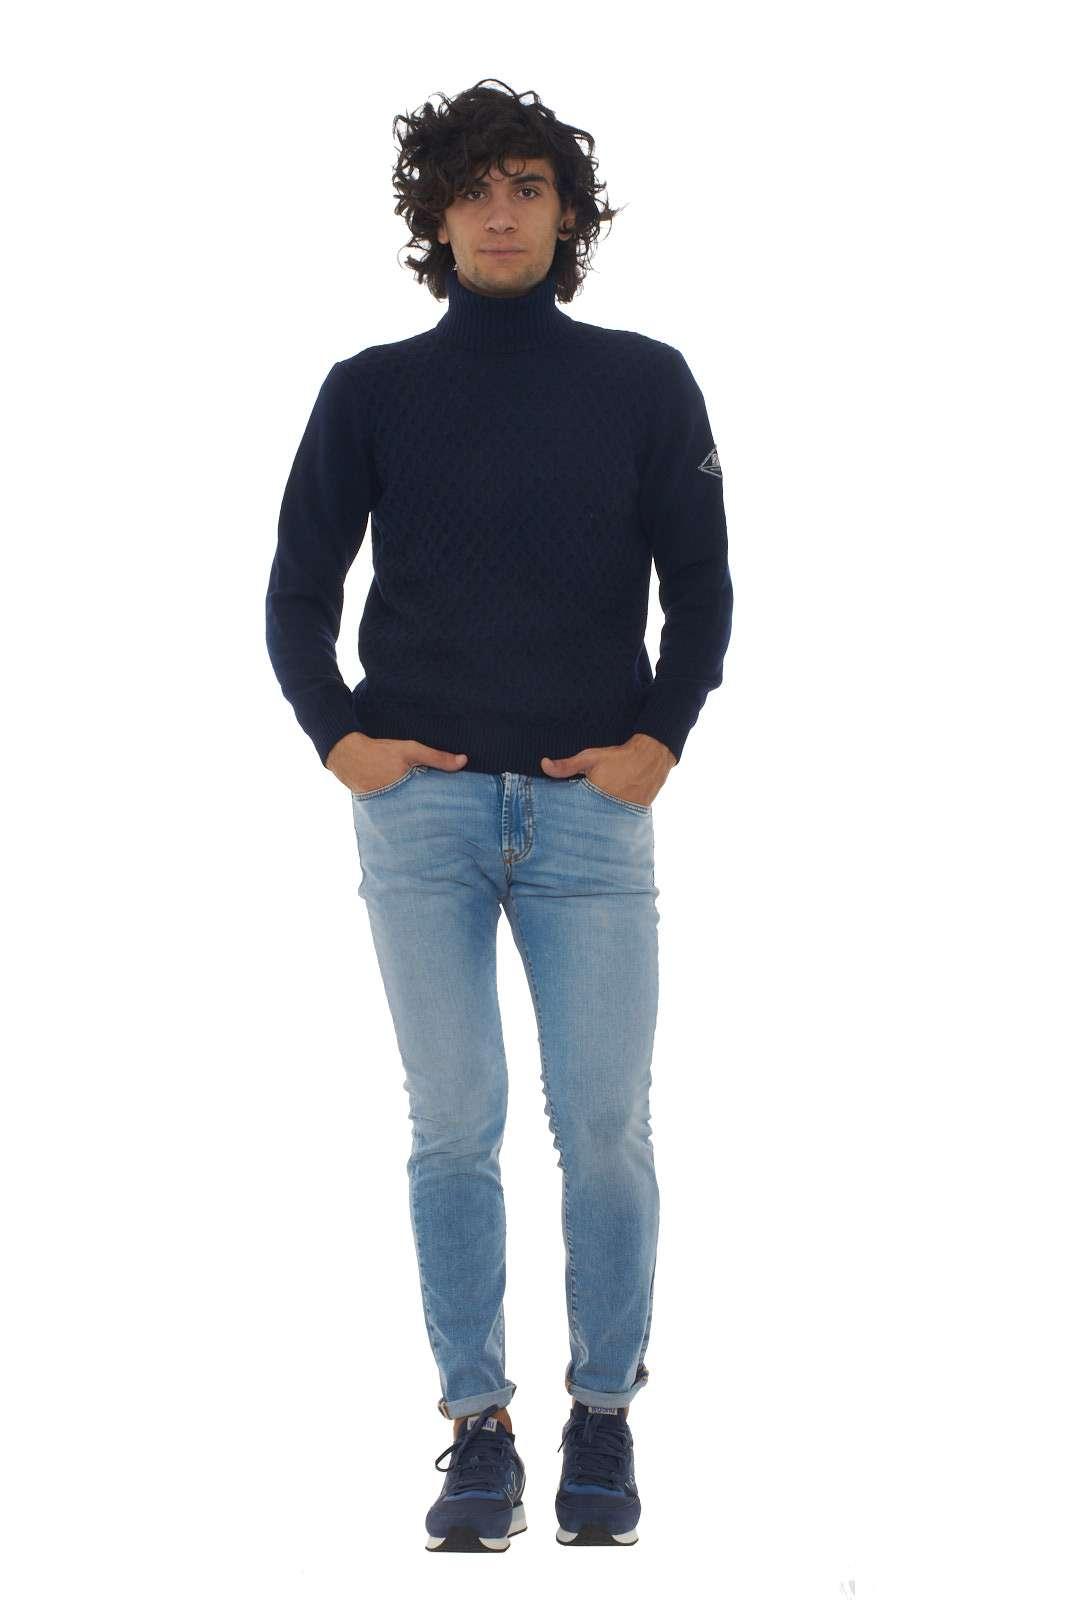 https://www.parmax.com/media/catalog/product/a/i/AI-Outlet_Parmax-Pantalone-Uomo-Royrogers-A19RRU076D3171241-D.jpg